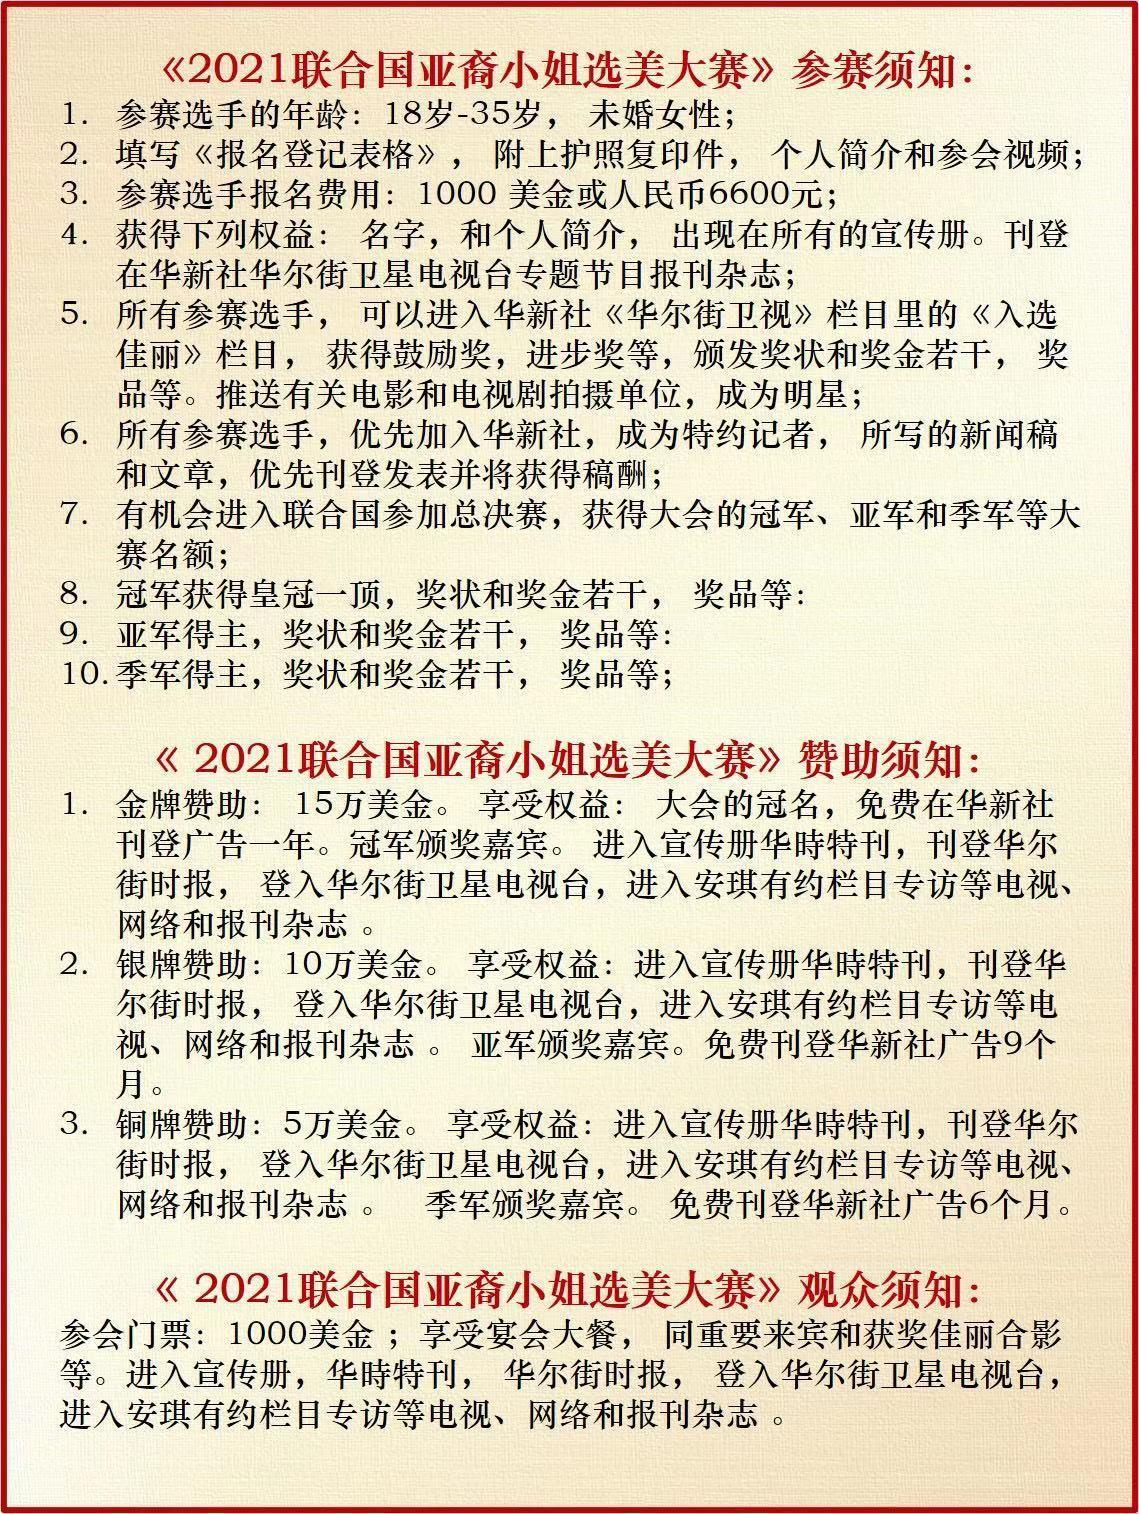 WeChat Image_20210218082816.jpg